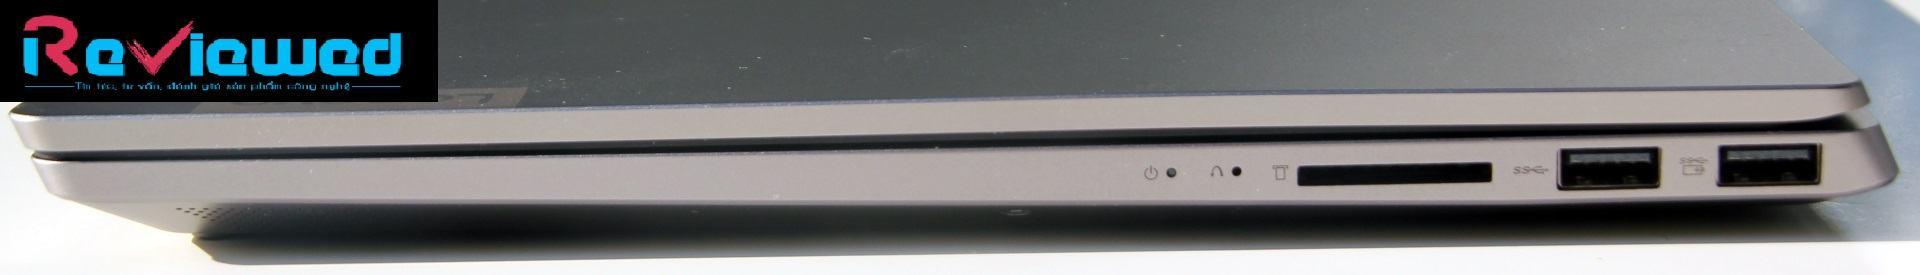 review Lenovo IdeaPad S540-15IWL